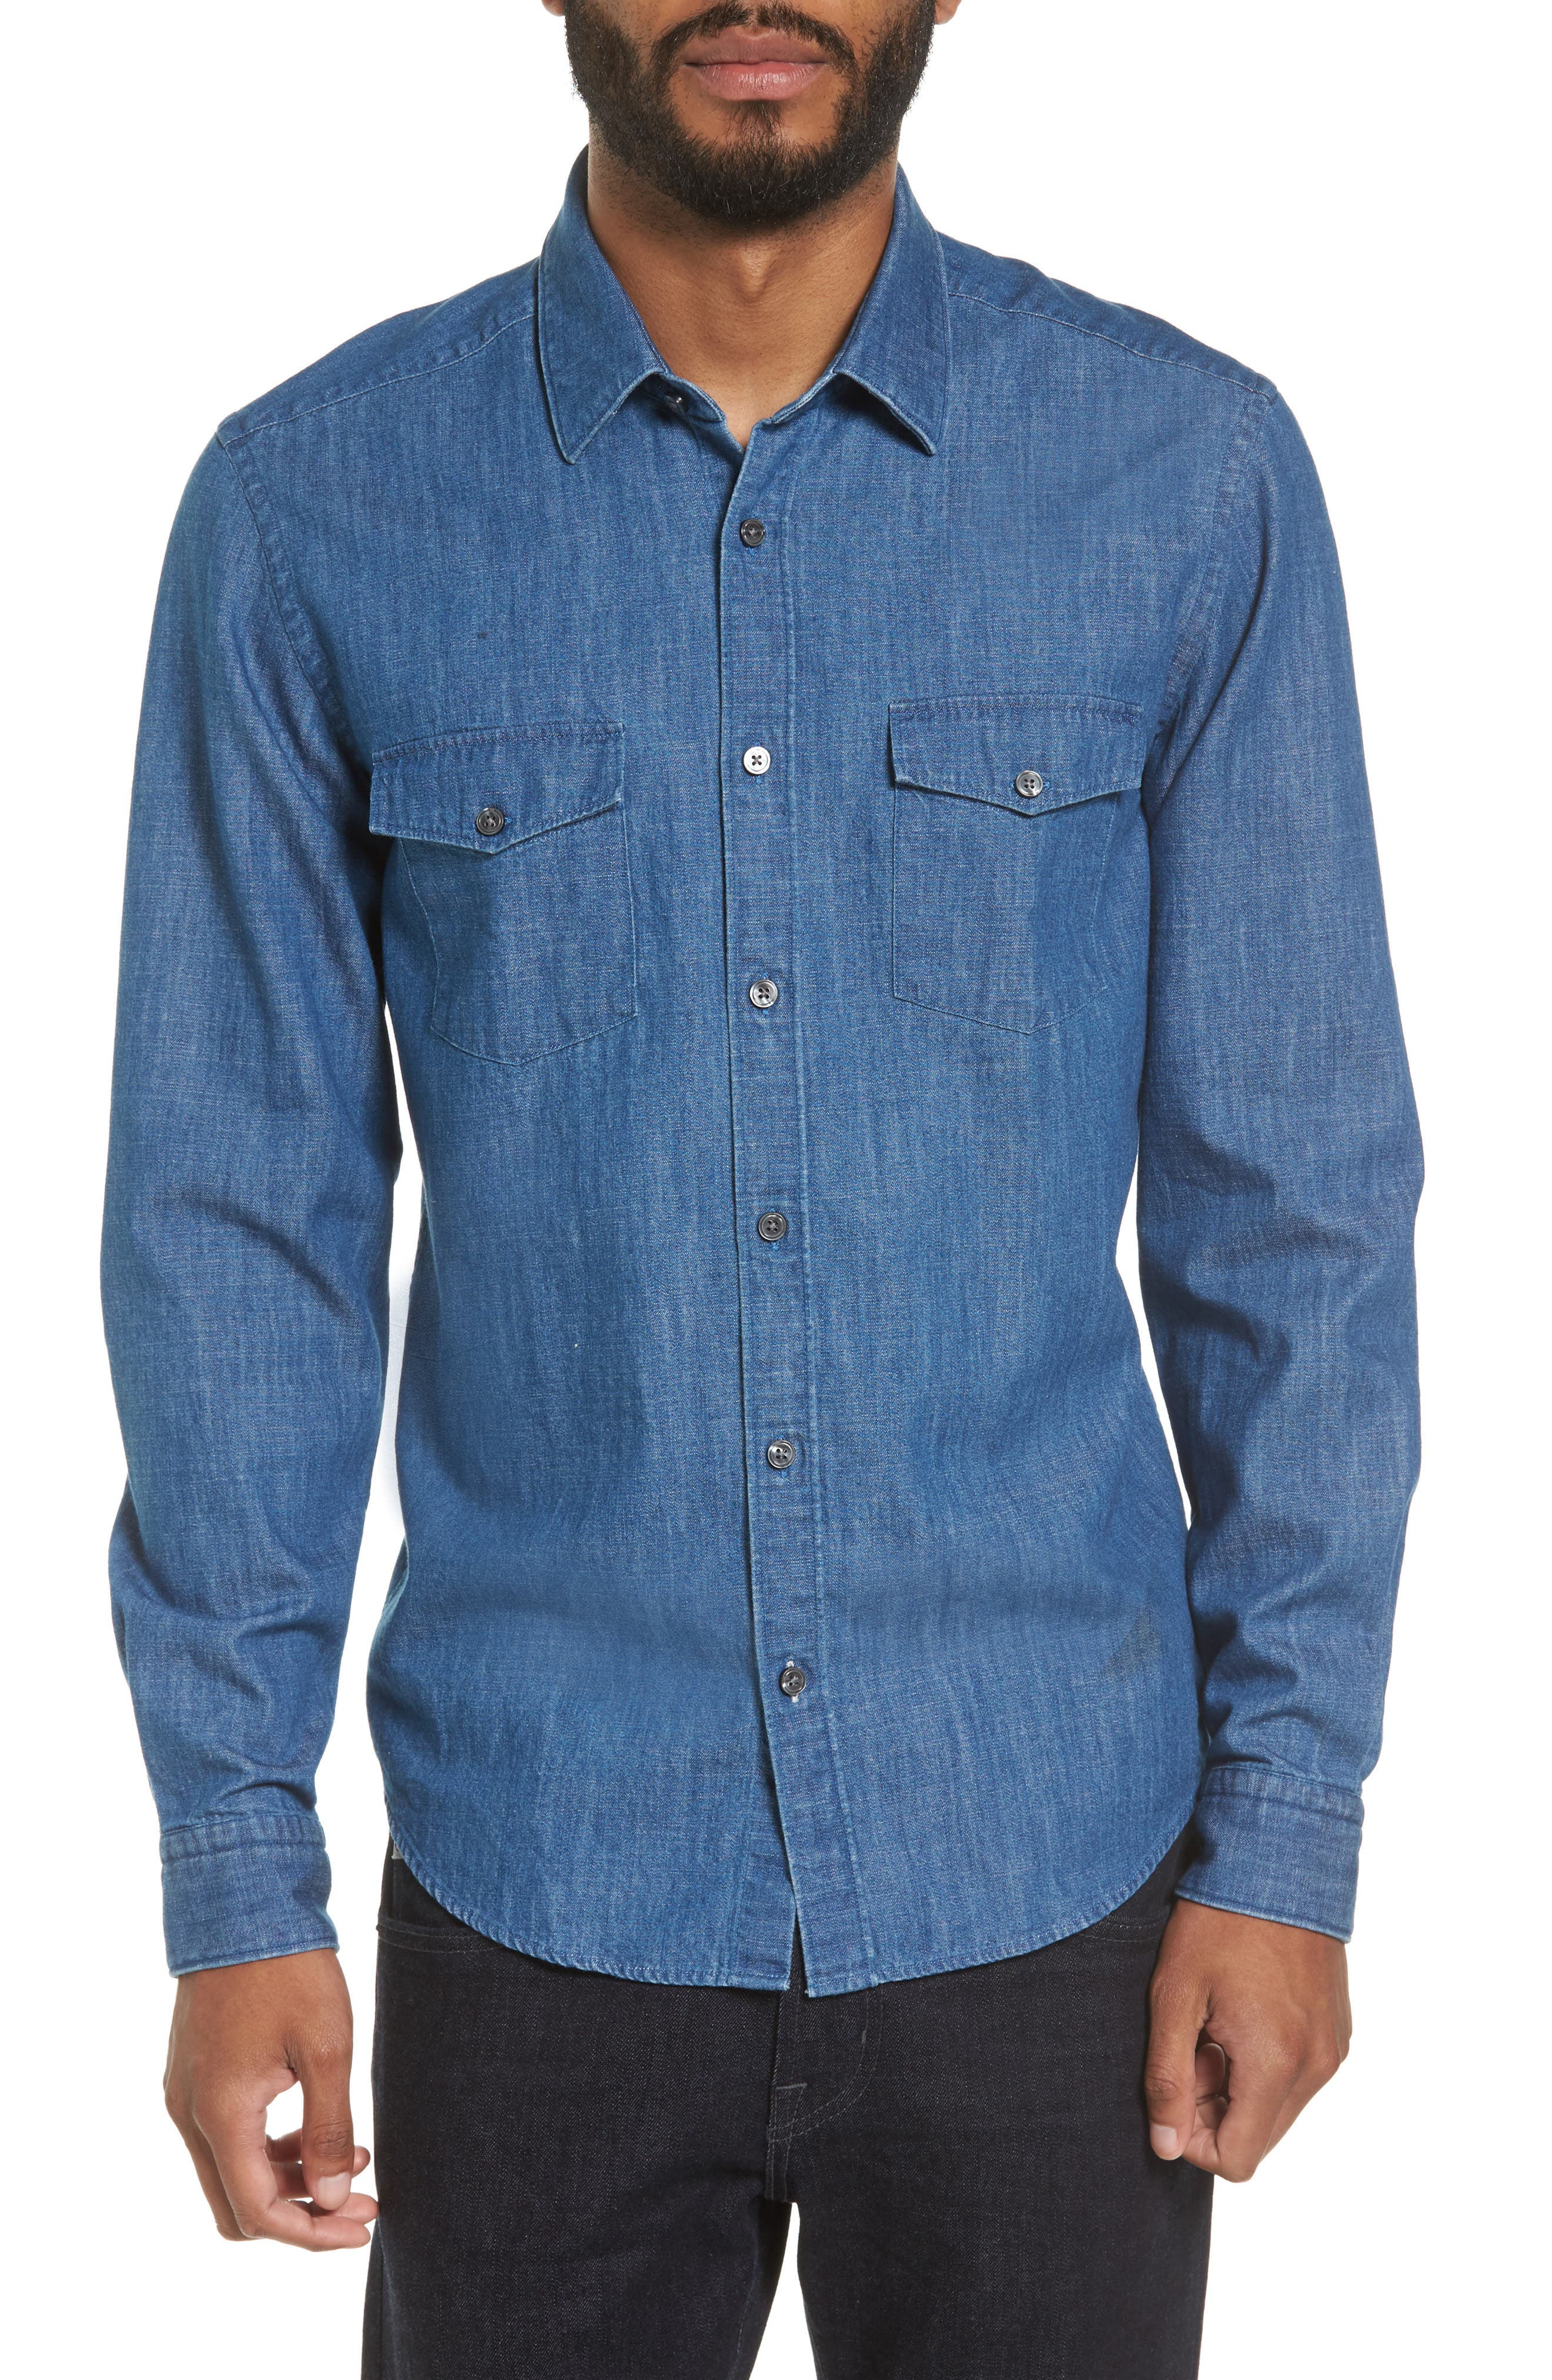 Lance Regular Fit Two-Pocket Denim Sport Shirt,                         Main,                         color, Blue